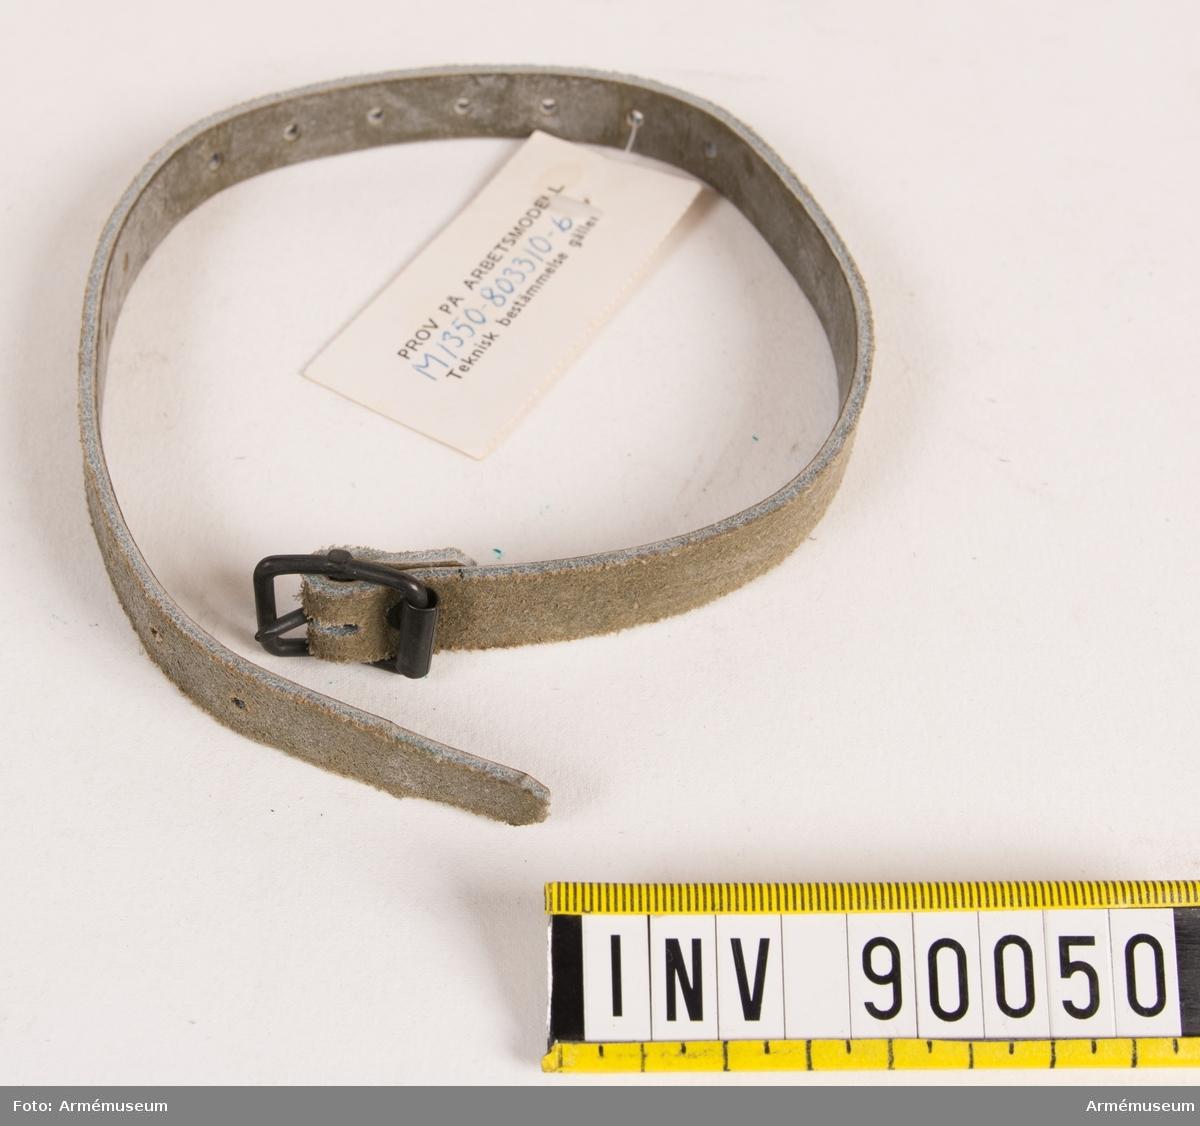 """Rem av läder med 15 spännhål och spänne av metall. Vidhängande lapp med text: """"Prov på arbetsmodell M 1350-803310-6 Teknisk bestämmelse gäller."""""""